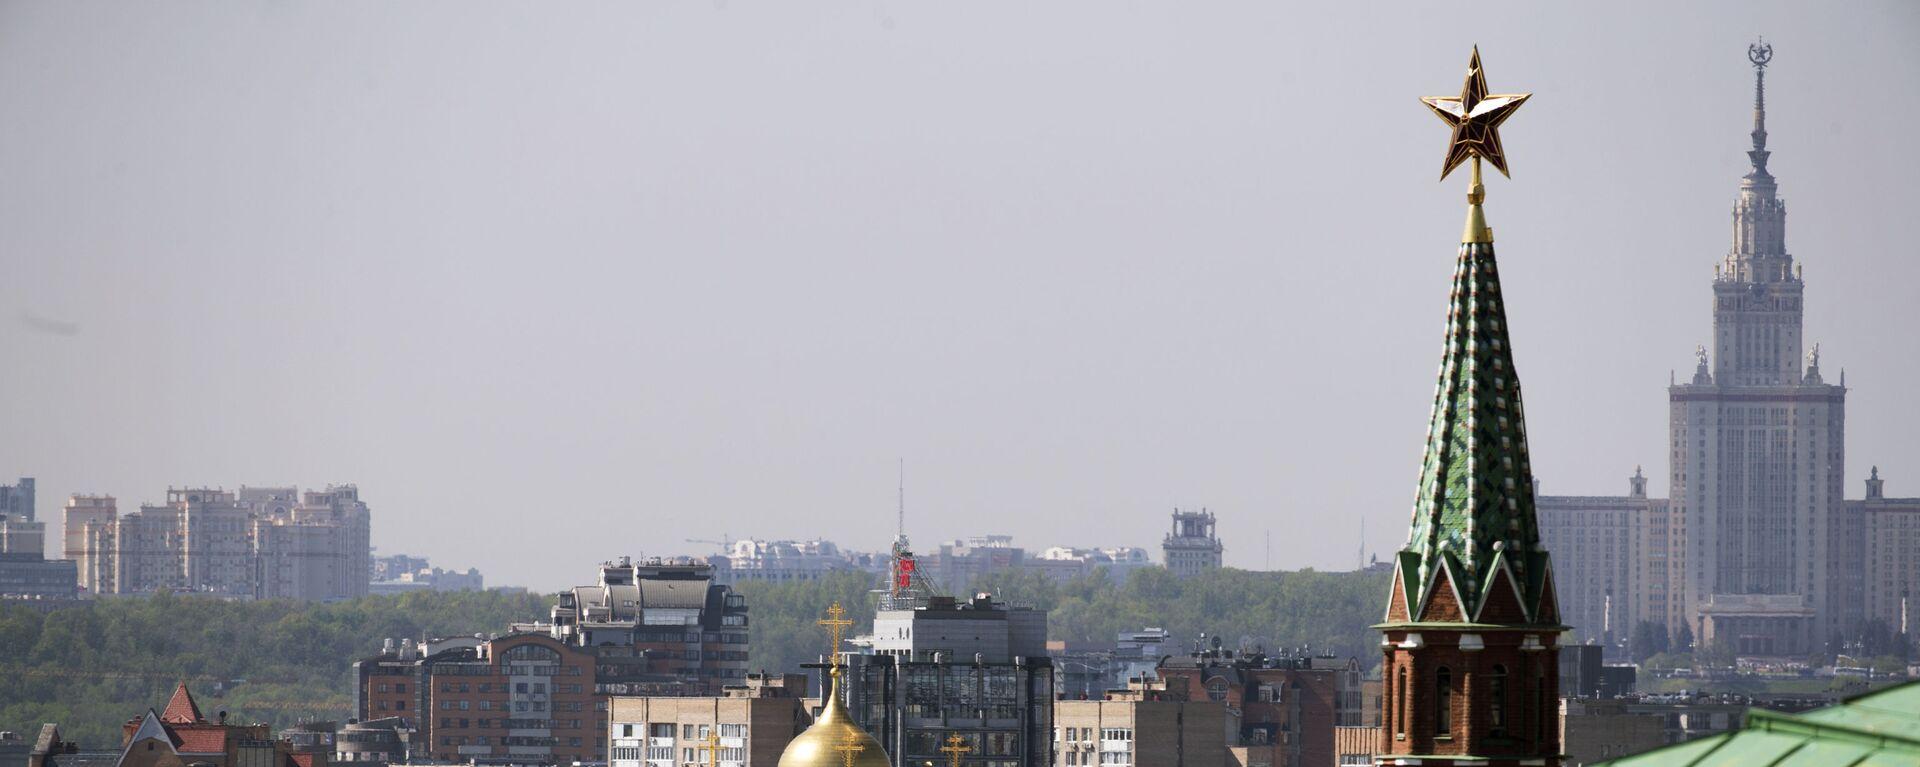 Pohled na Kreml - Sputnik Česká republika, 1920, 22.07.2021